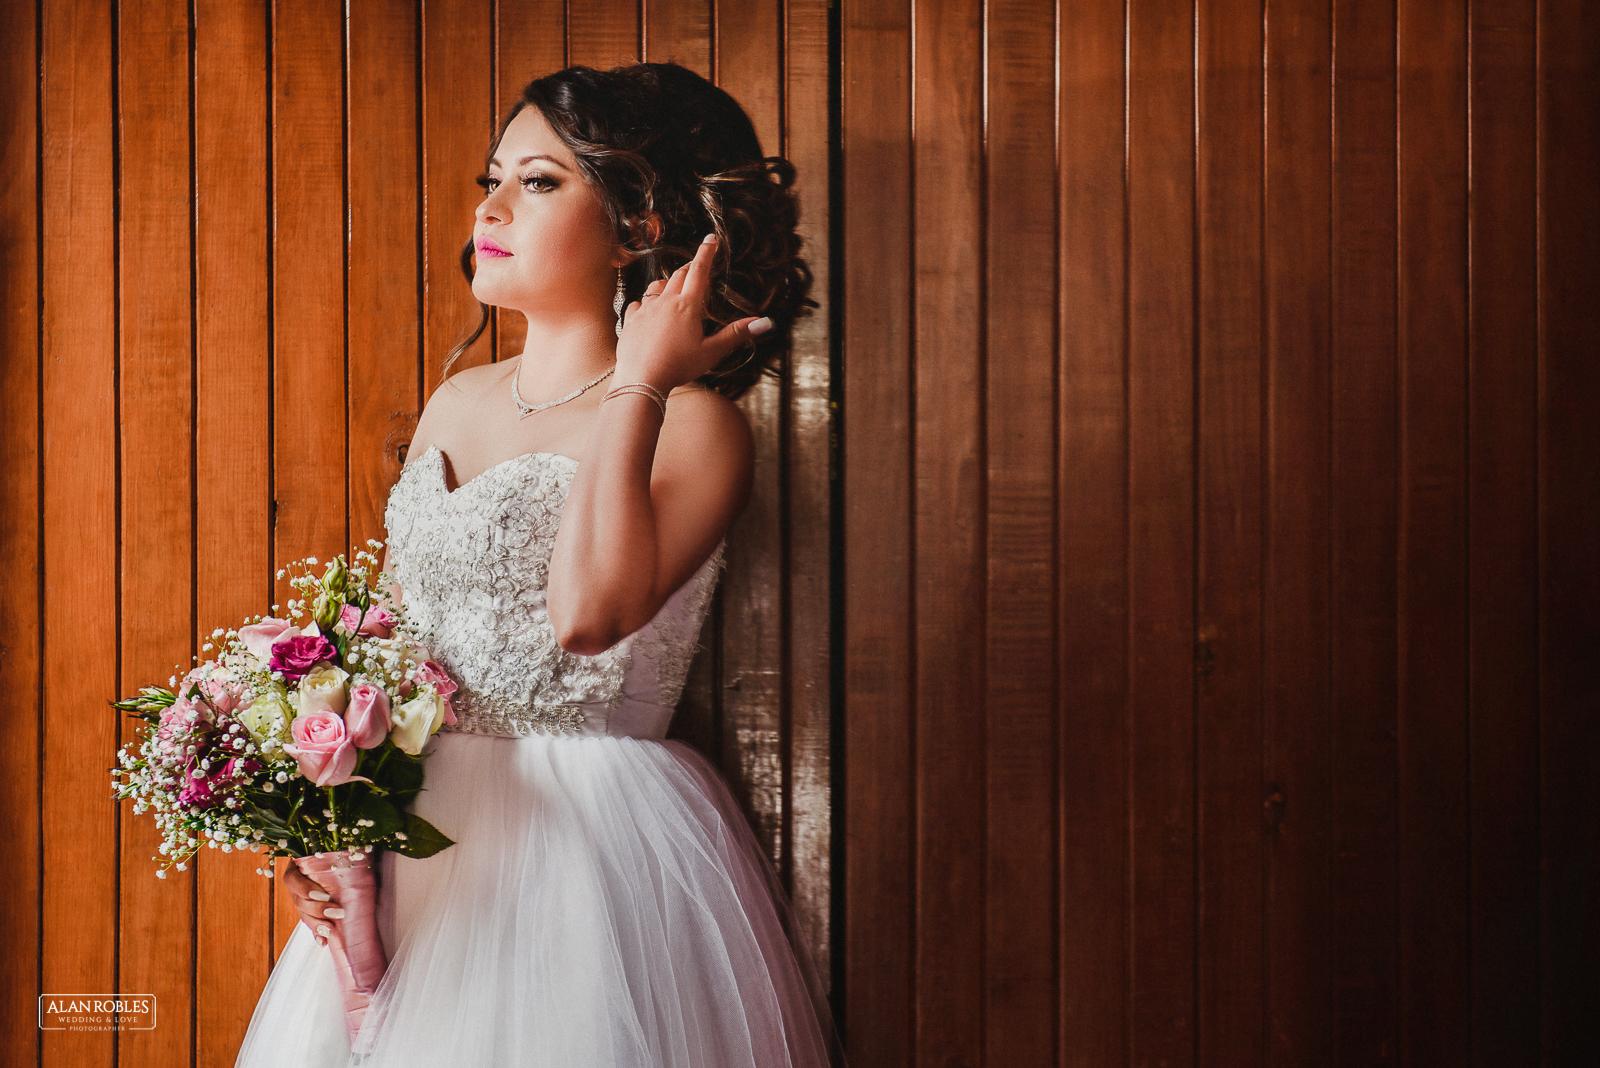 Fotografo de bodas Alan Robles-Michoacan-34